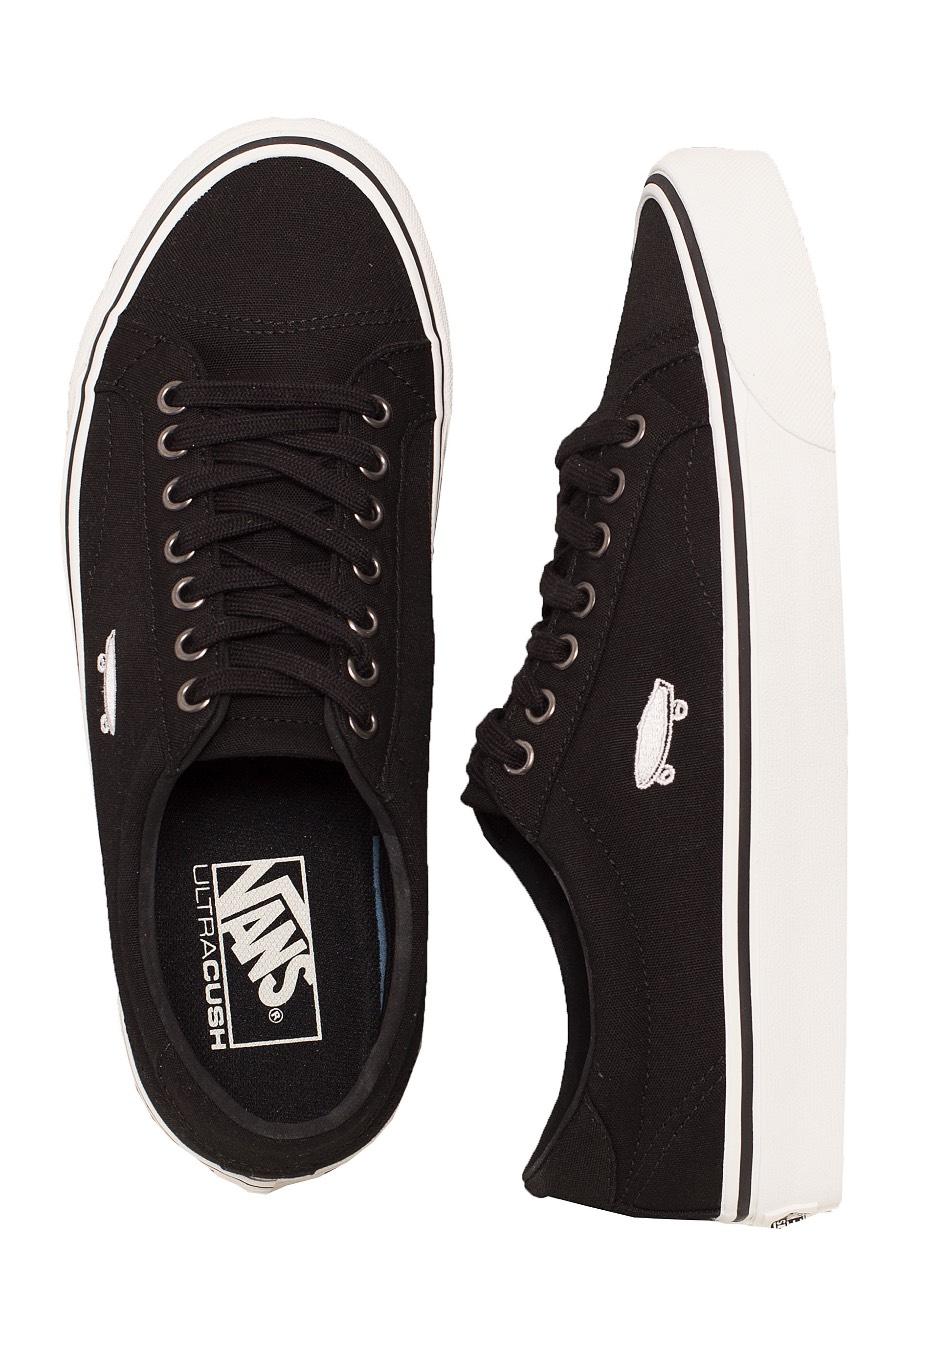 362d6383730a7d Vans - Court Icon Black Cloud Dancer - Shoes - Impericon.com Worldwide